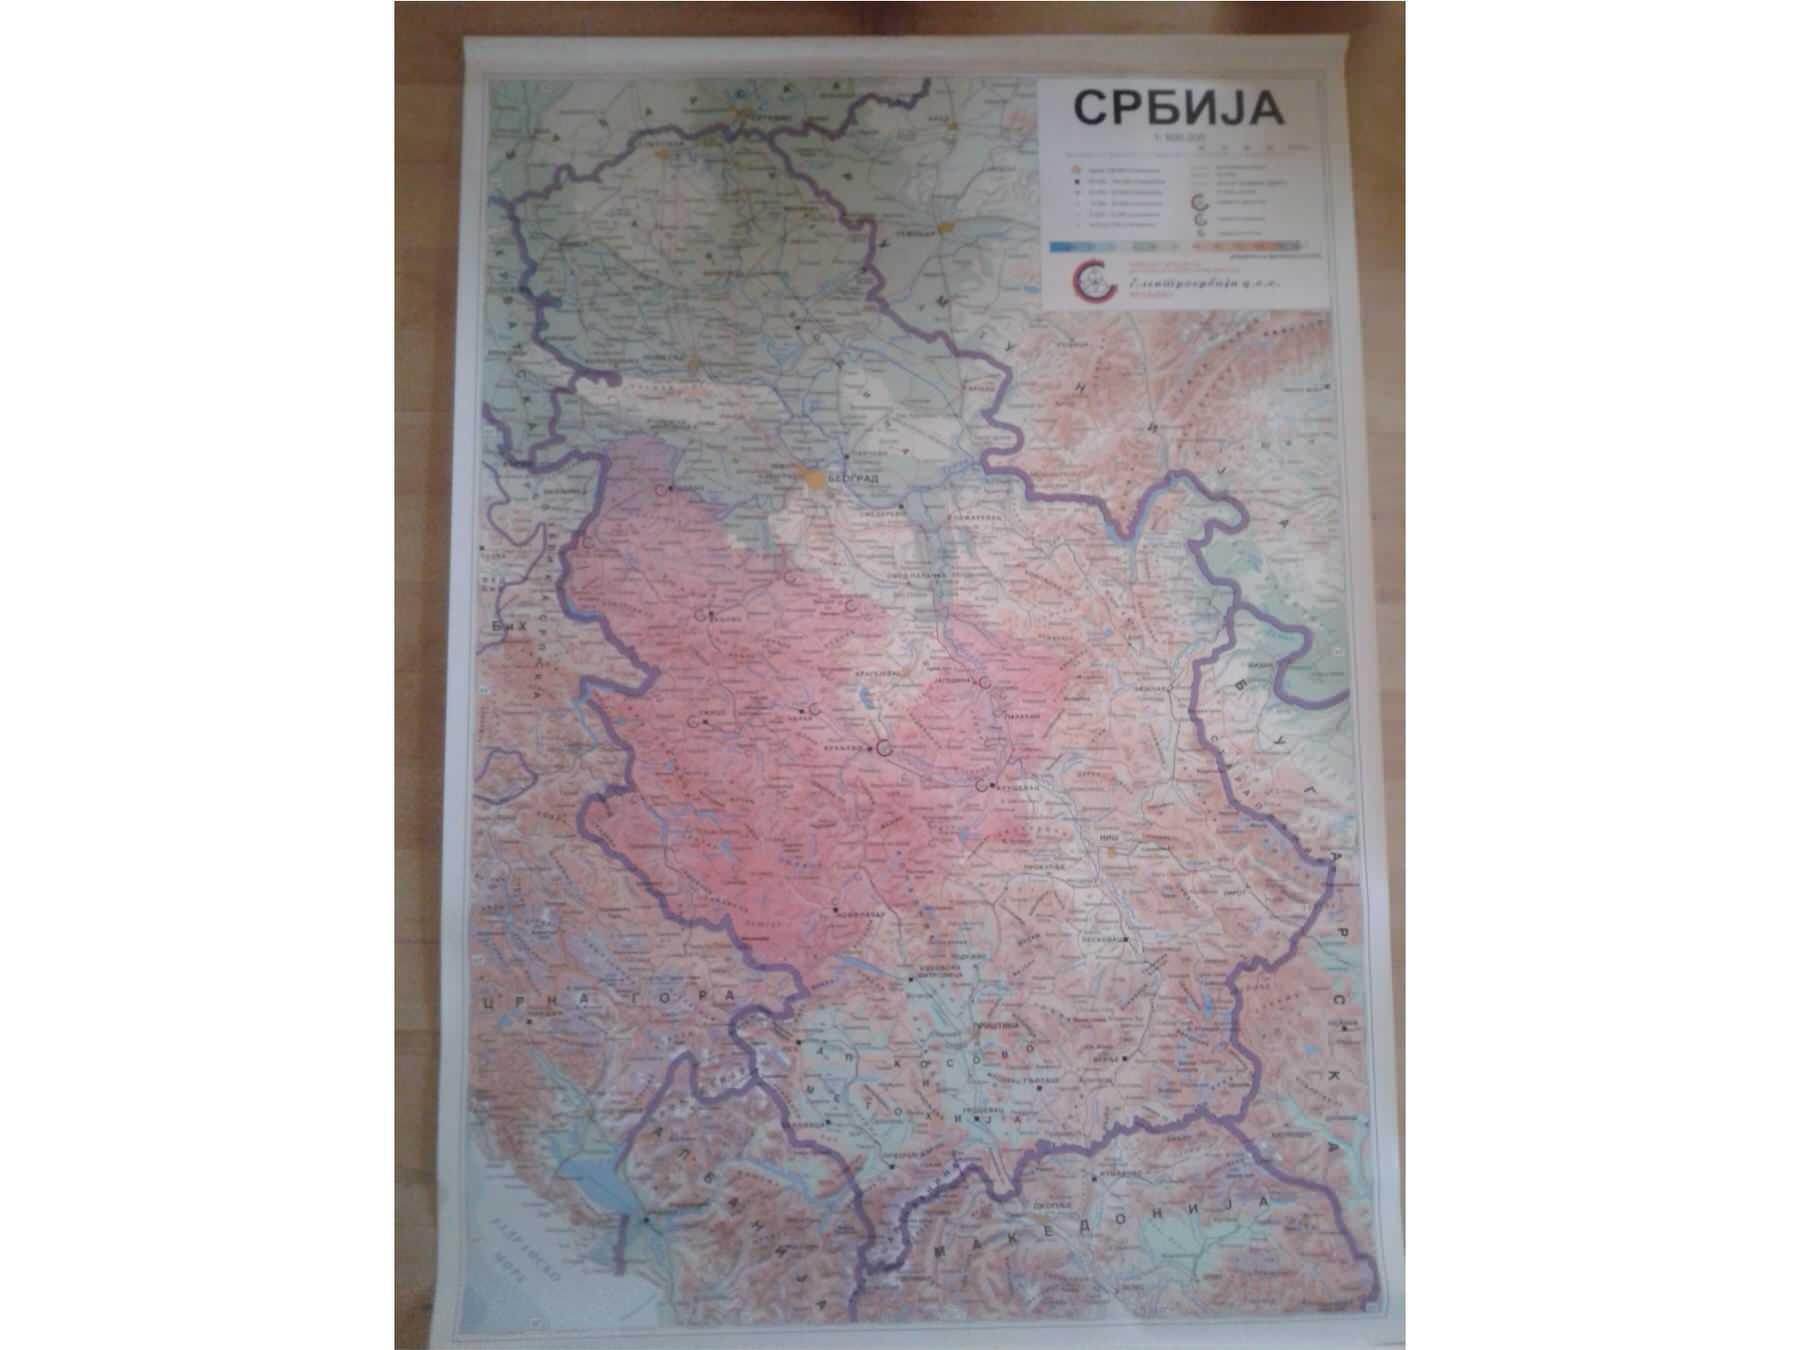 100+ Geografska Karta Vojvodine – yasminroohi